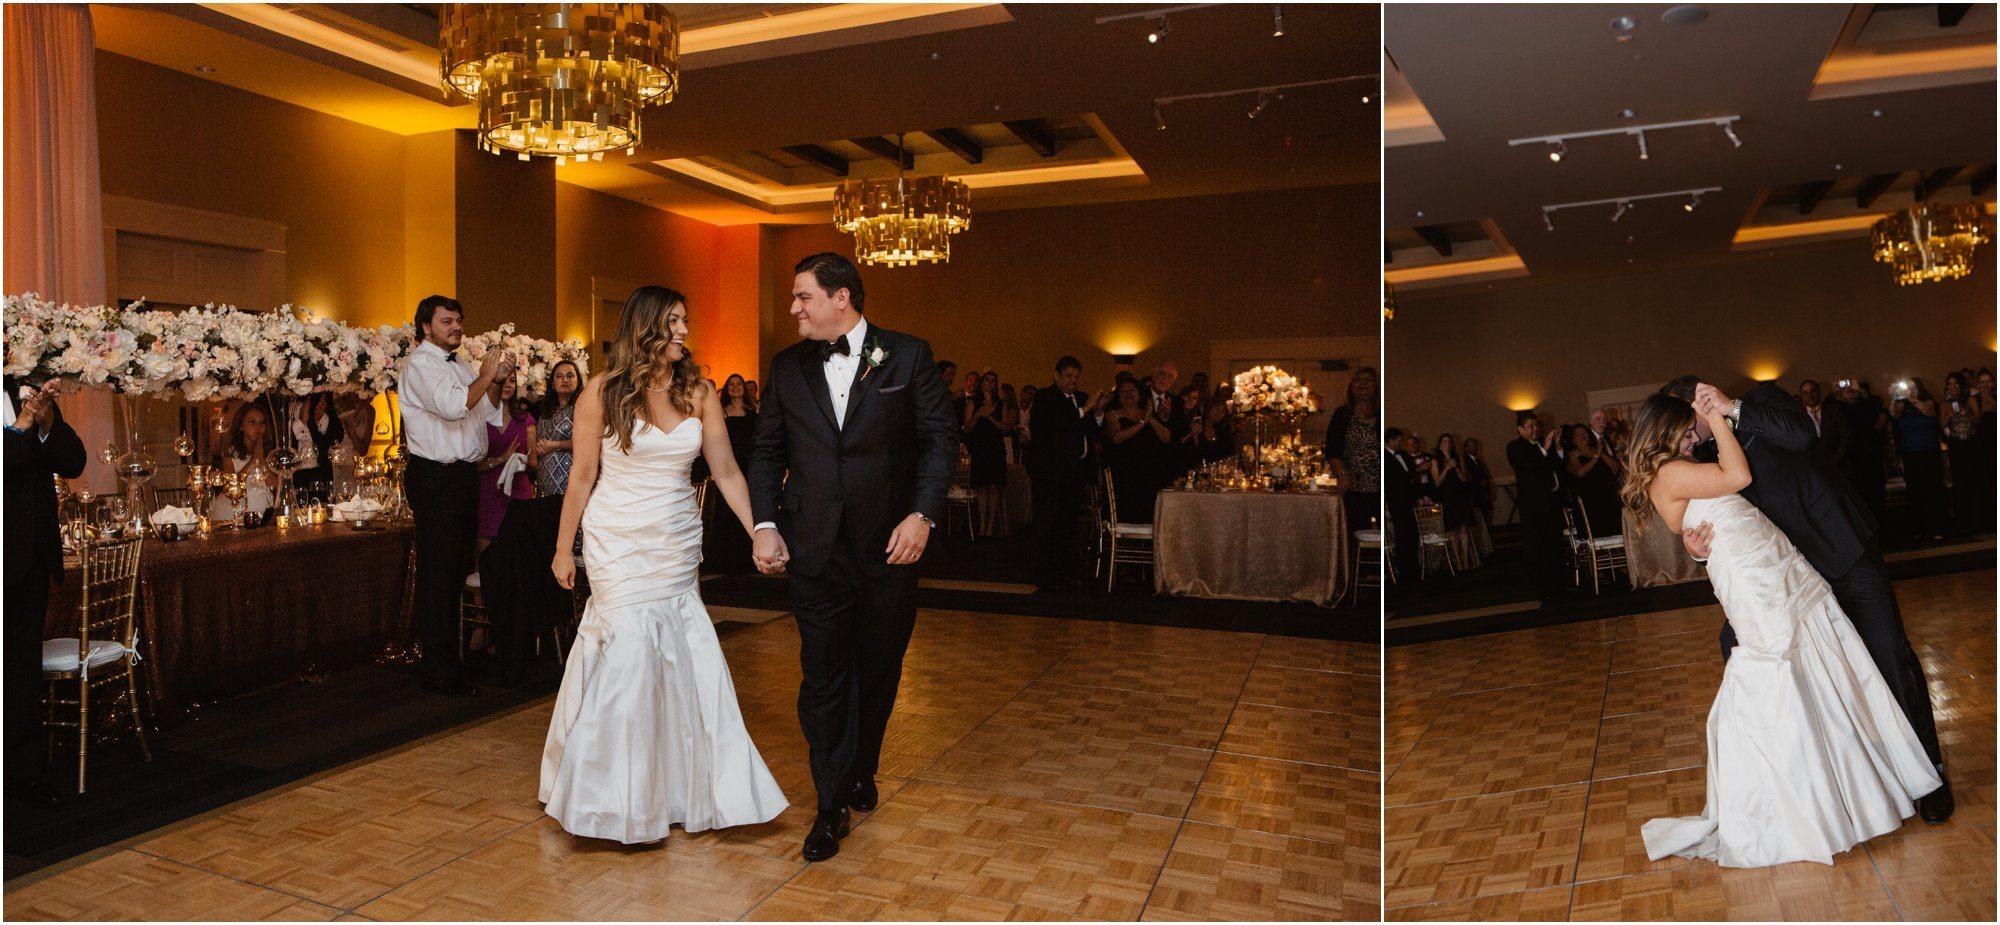 0052albuquerque-wedding-photographer_-santa-fe-wedding-photography_blue-rose-studio